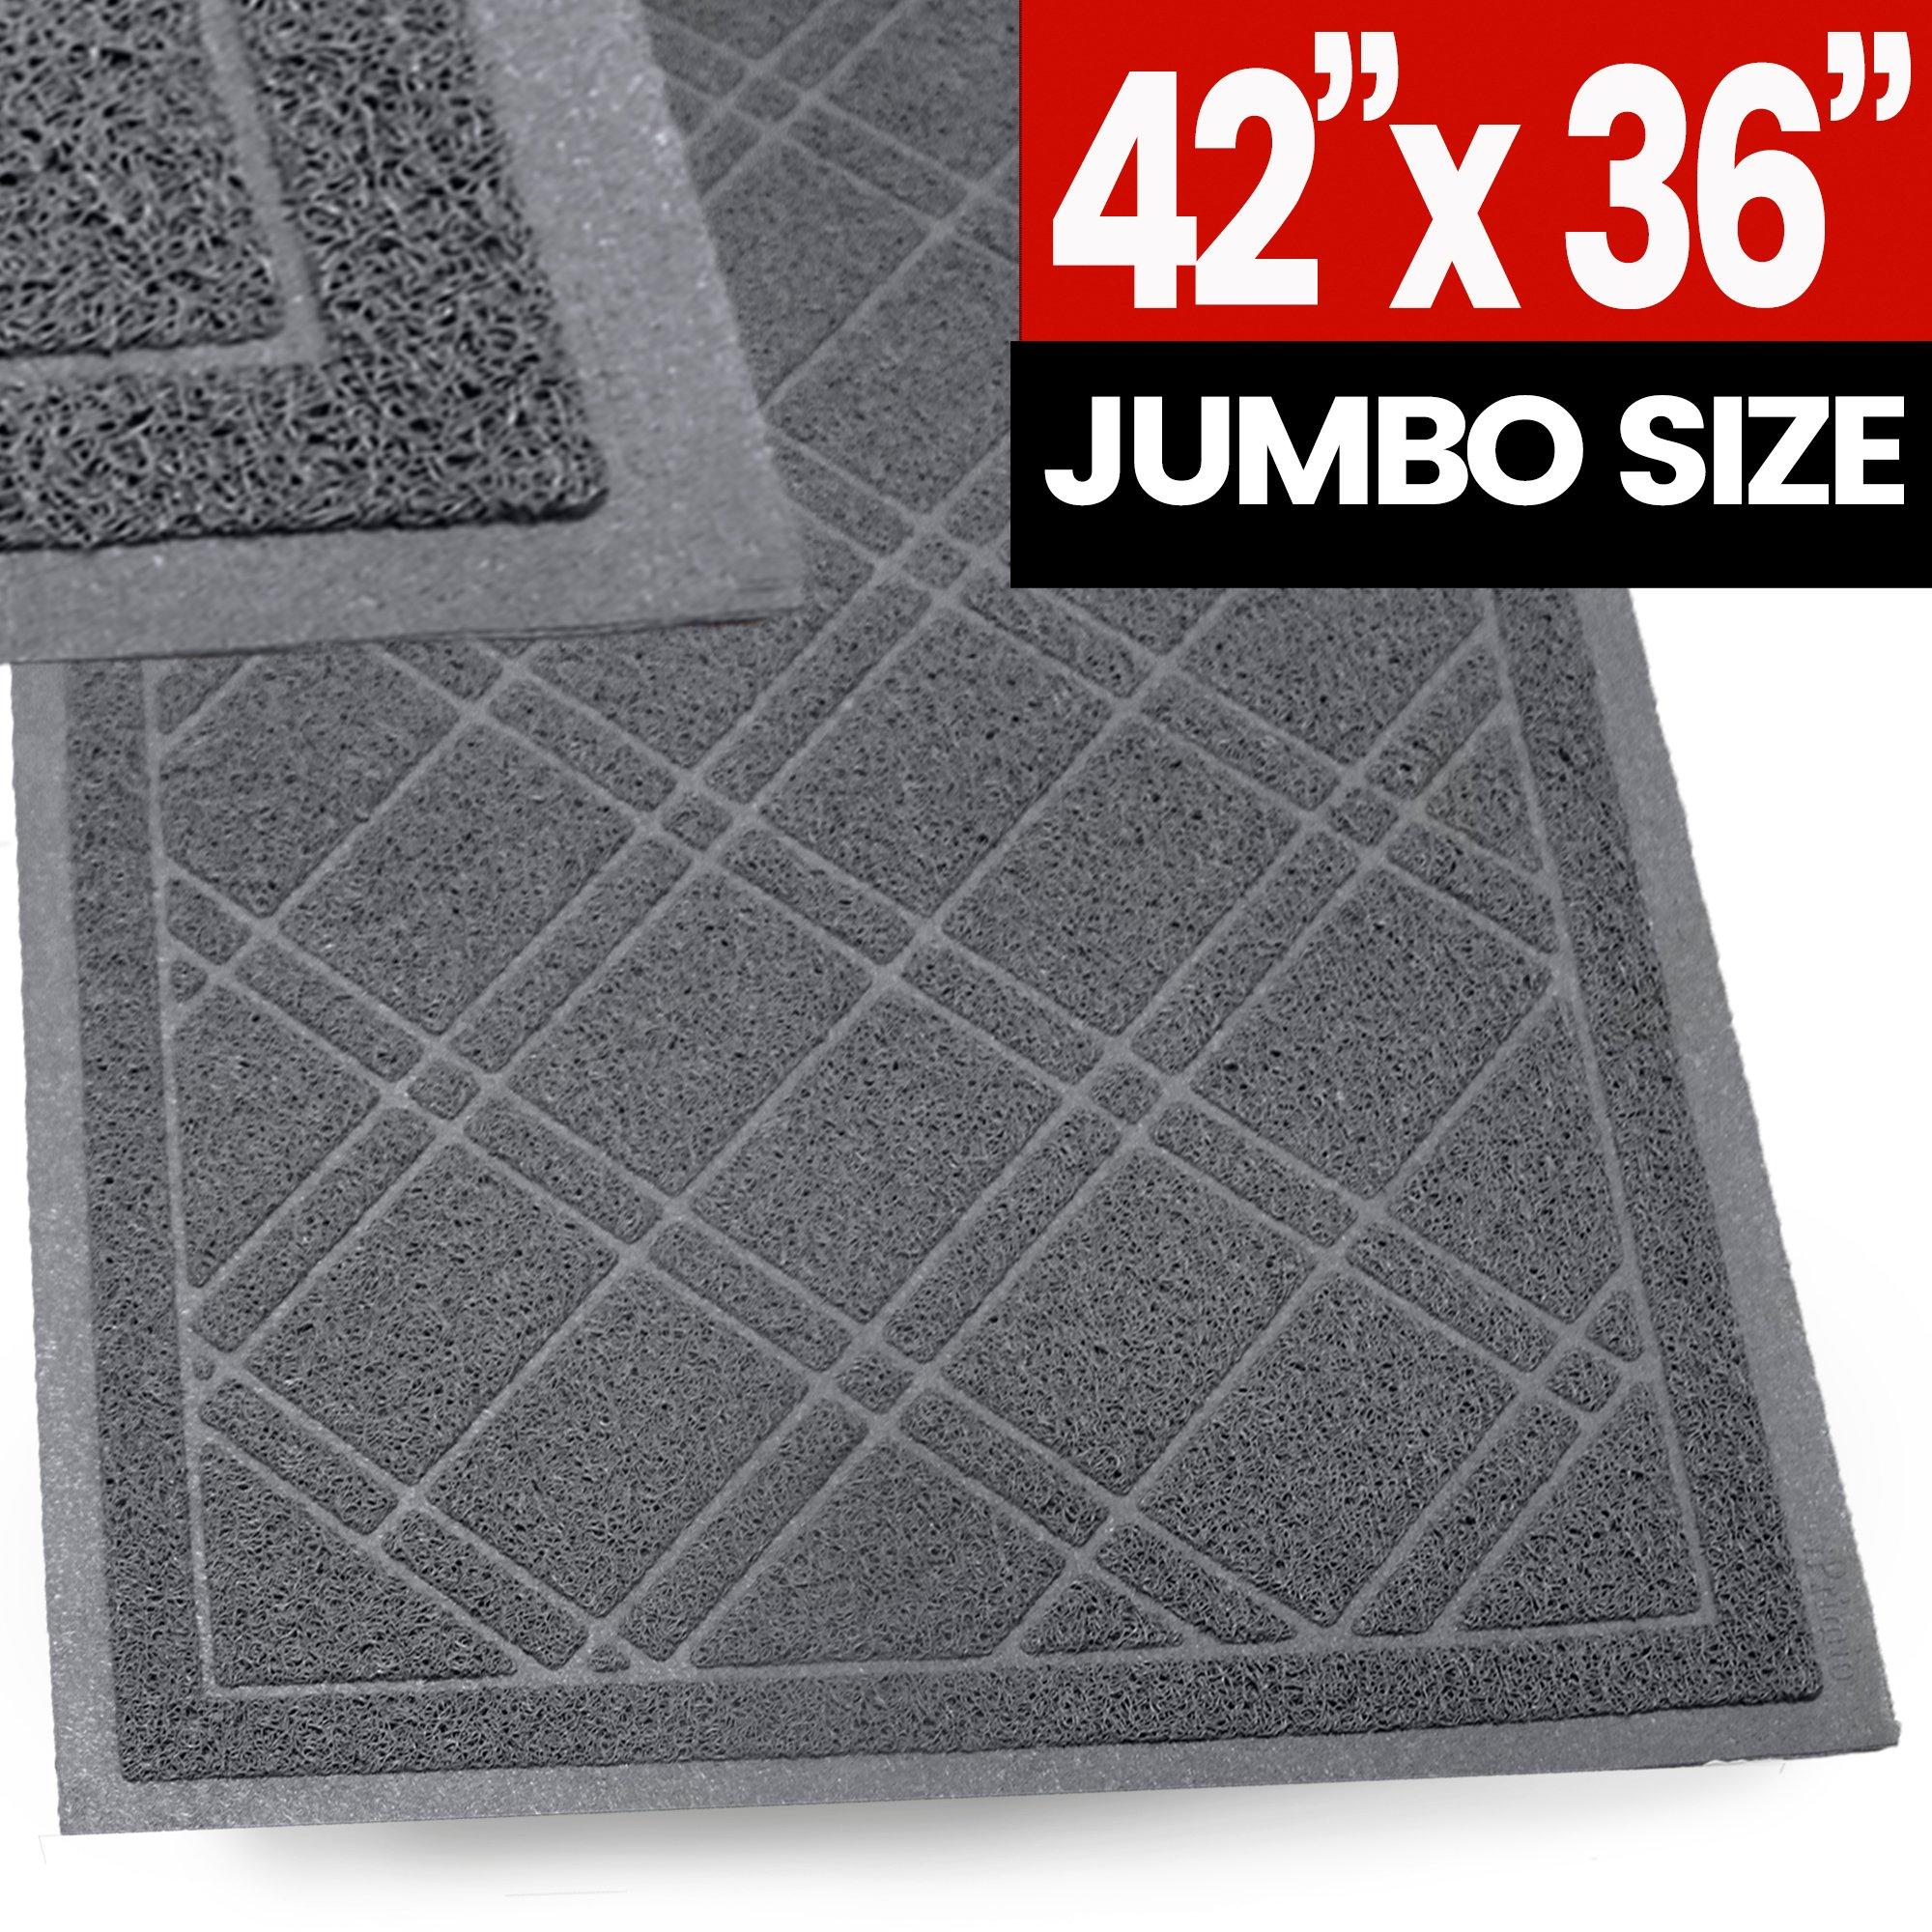 SlipToGrip - (Gray) Universal Plaid Door Mat with DuraLoop - XL 42''x36'' Outdoor Indoor Entrance Doormat - Waterproof - Low Profile Door Mat - Welcome - Front Door, Garage, Patio - PHTHALATE & BPA FREE